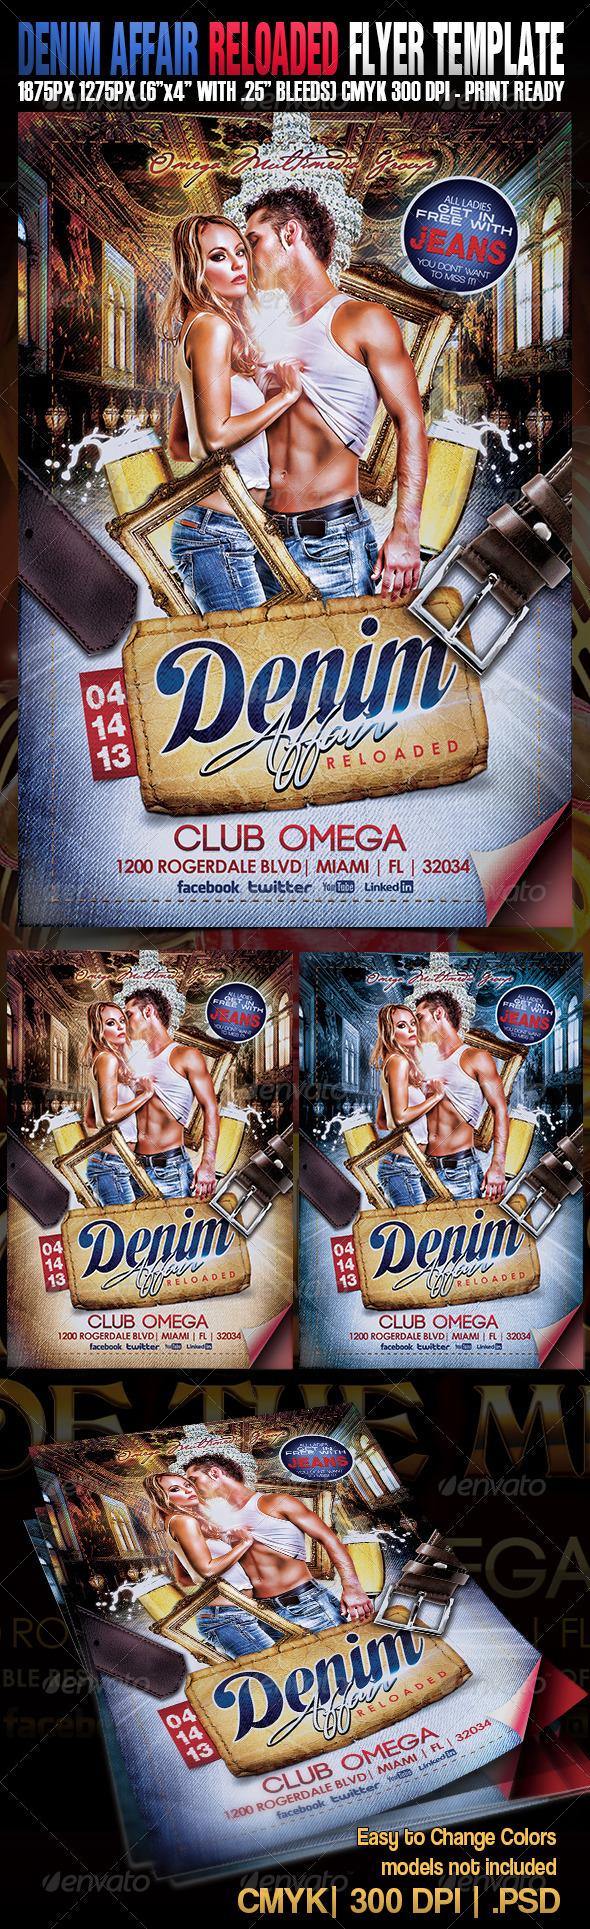 GraphicRiver Denim Affair Reloaded 3888890